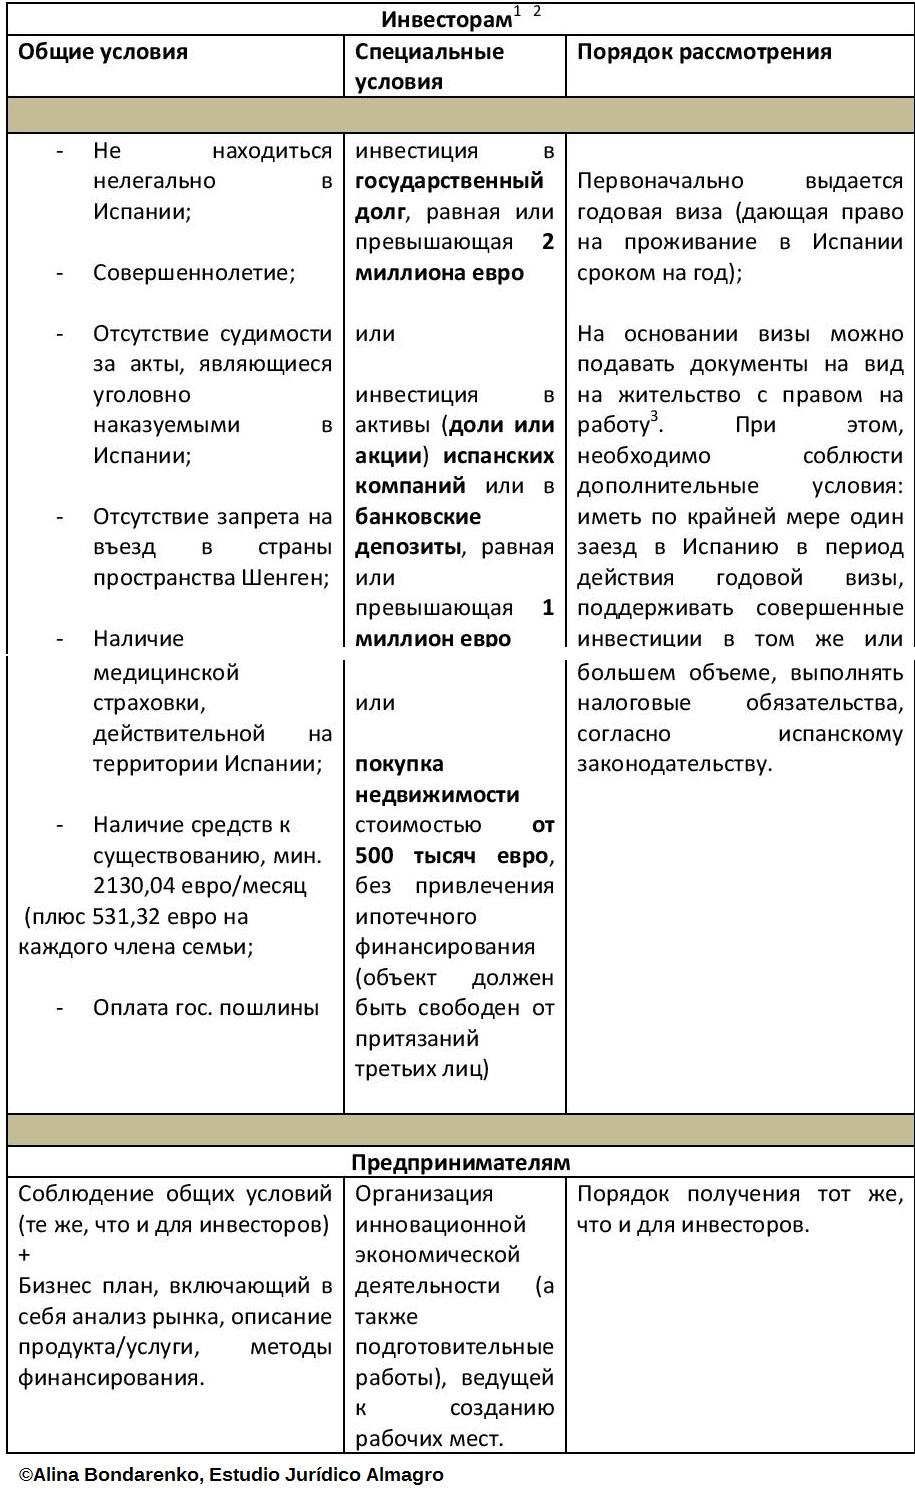 Новые преимущества для российских инвесторов в Испании-page-002